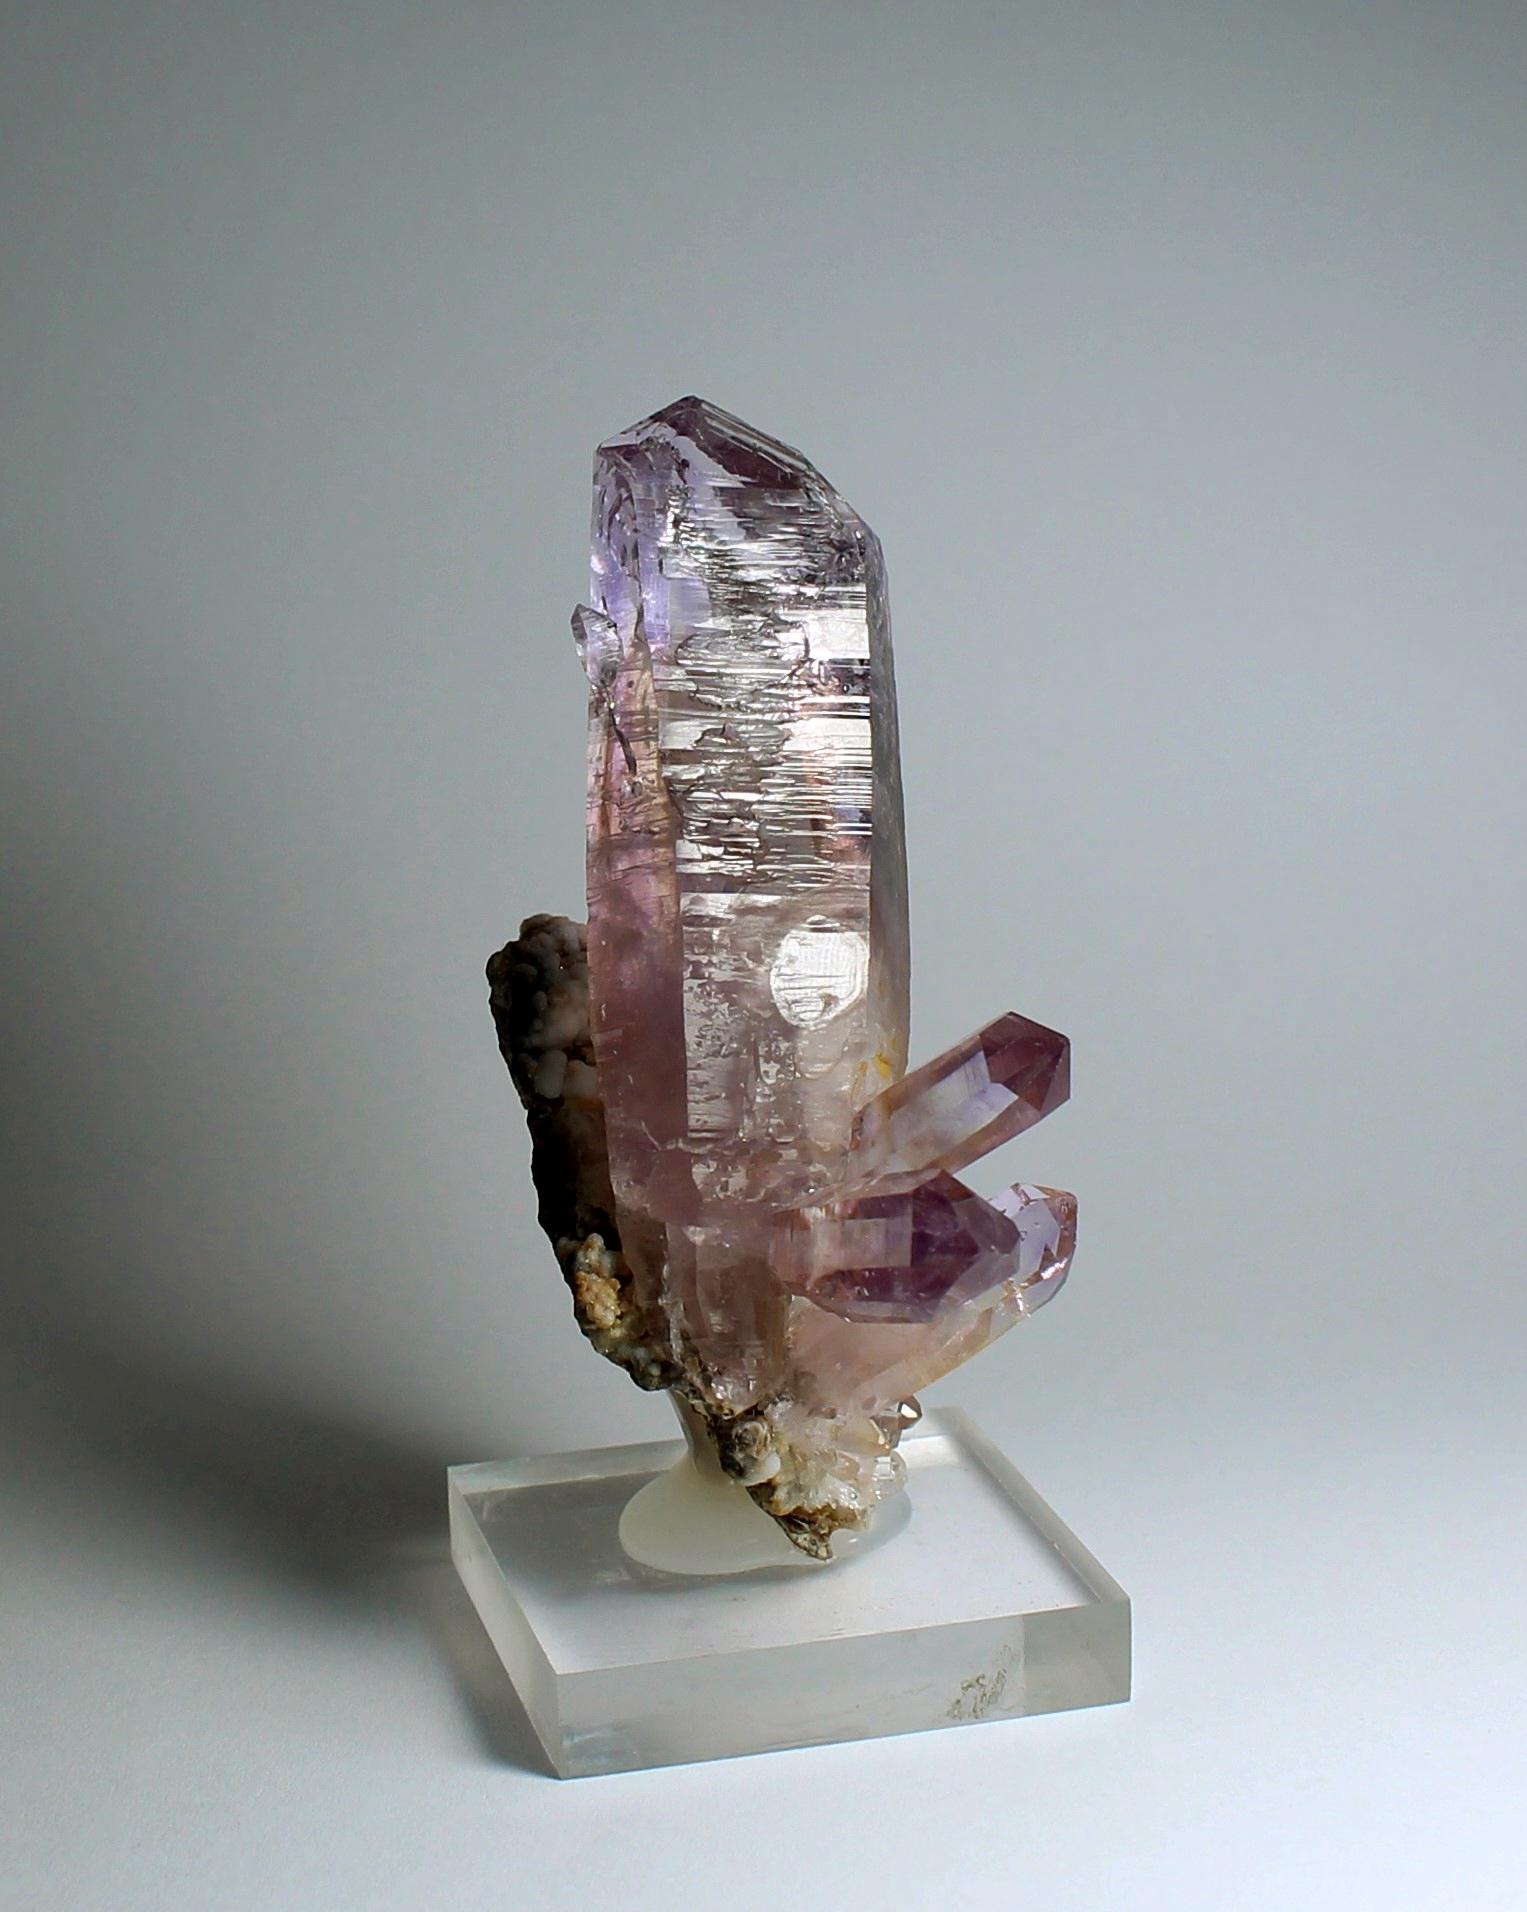 Amethyst - Corro de la Concordia, Las Vigas, Vera Cruz, Mexiko